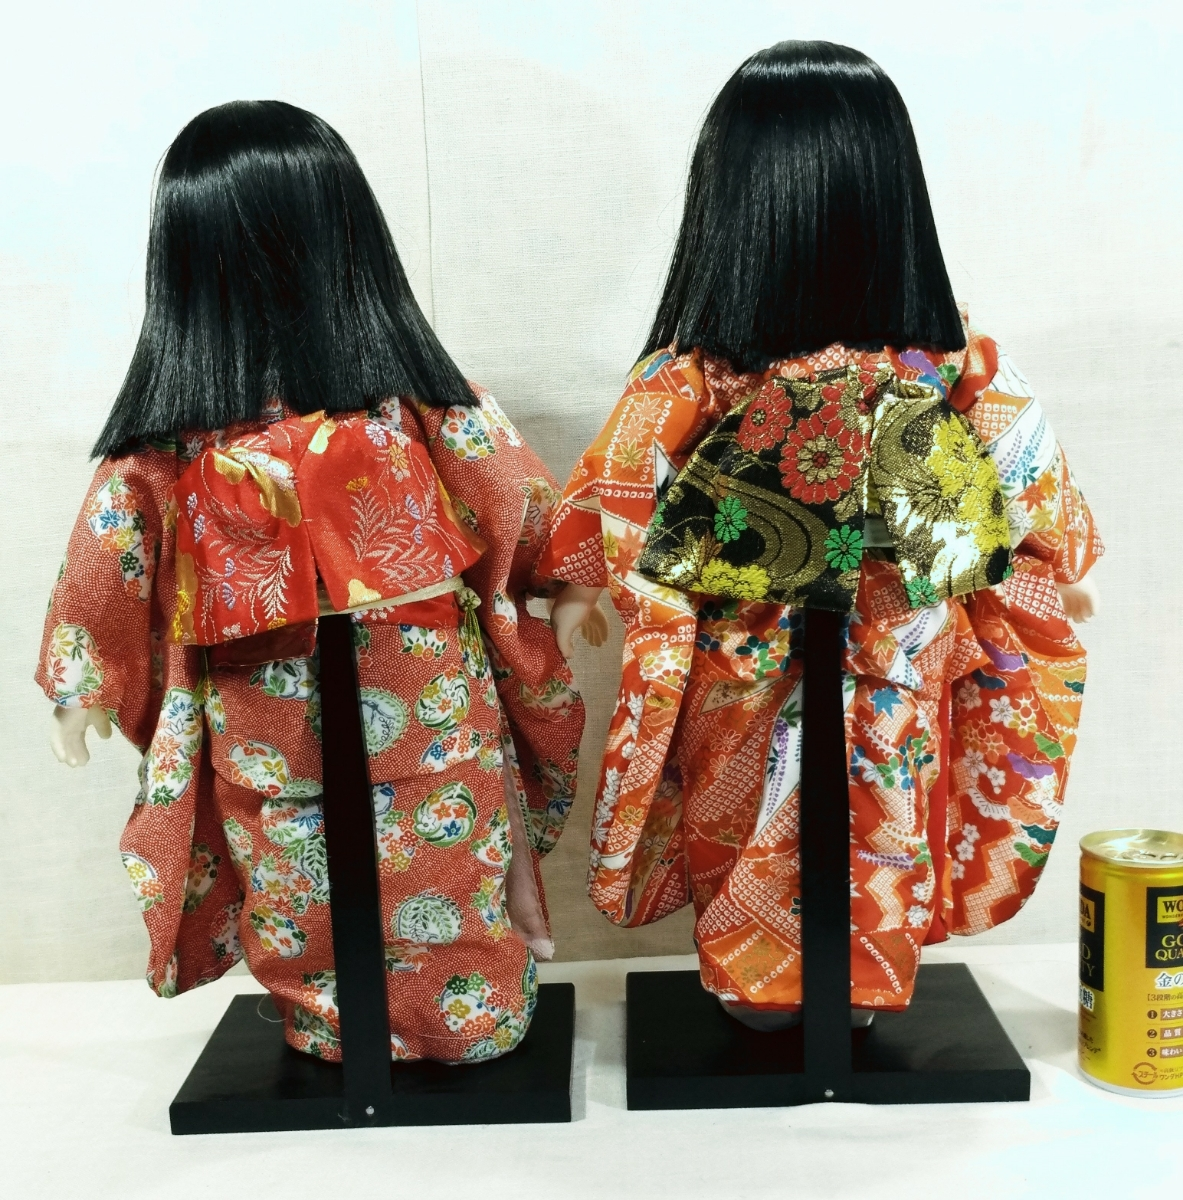 木製スタンド付き市松人形2体  日本人形 _画像7